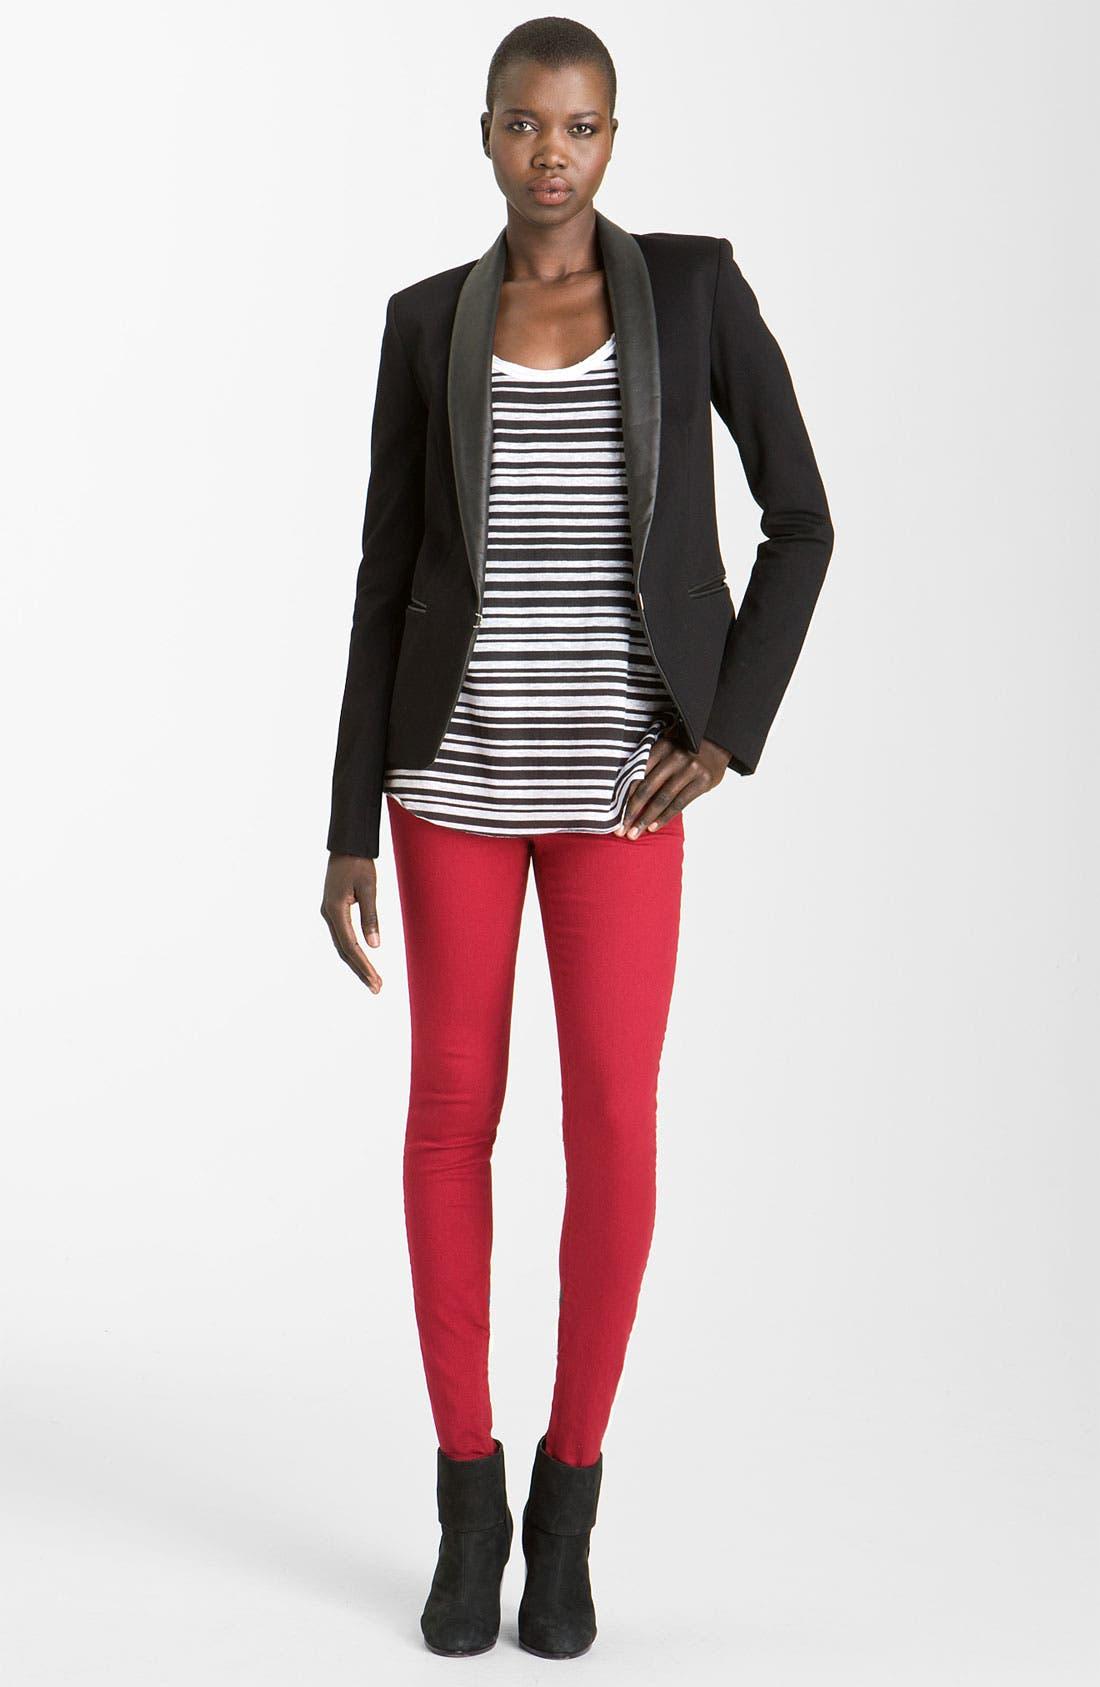 Alternate Image 1 Selected - rag & bone Leather Trim Tuxedo Jacket